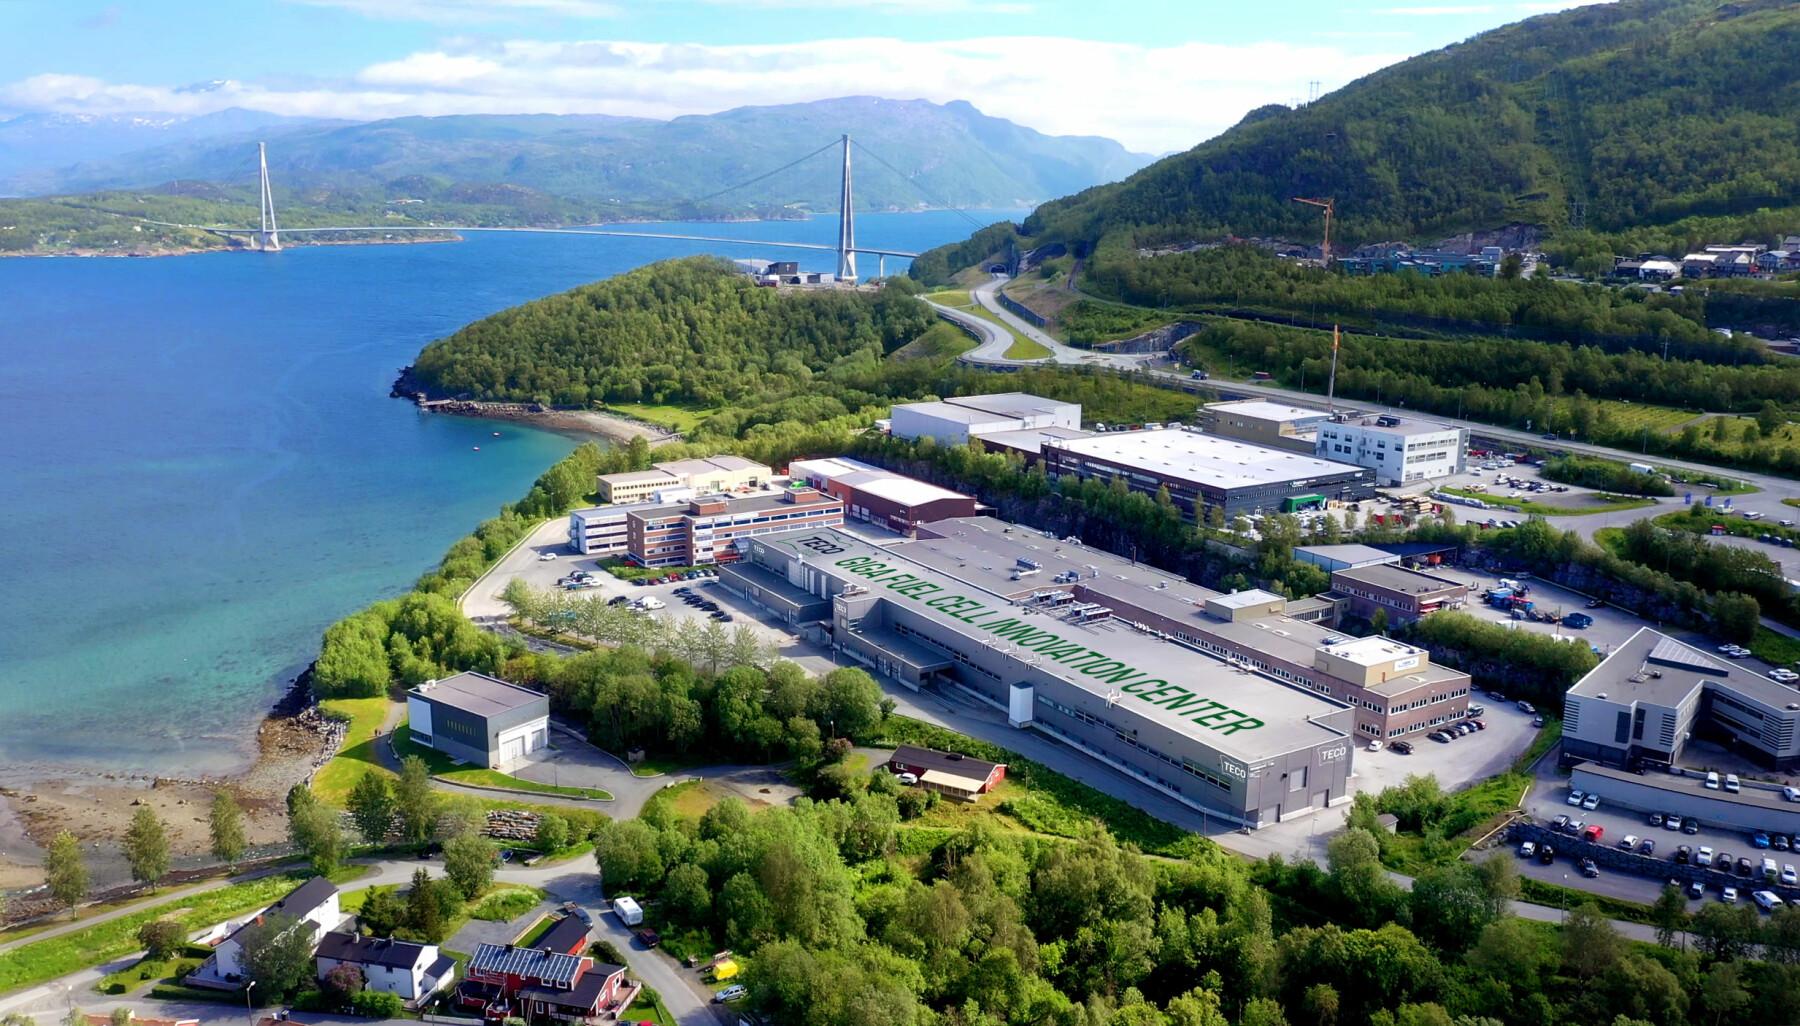 Det er denne gigantiske hallen med 15.000 kvadratmeter areal som skal bli fabrikk for brenselceller av hydrogen. Skriften på taket er (foreløpig) en illustrasjon.